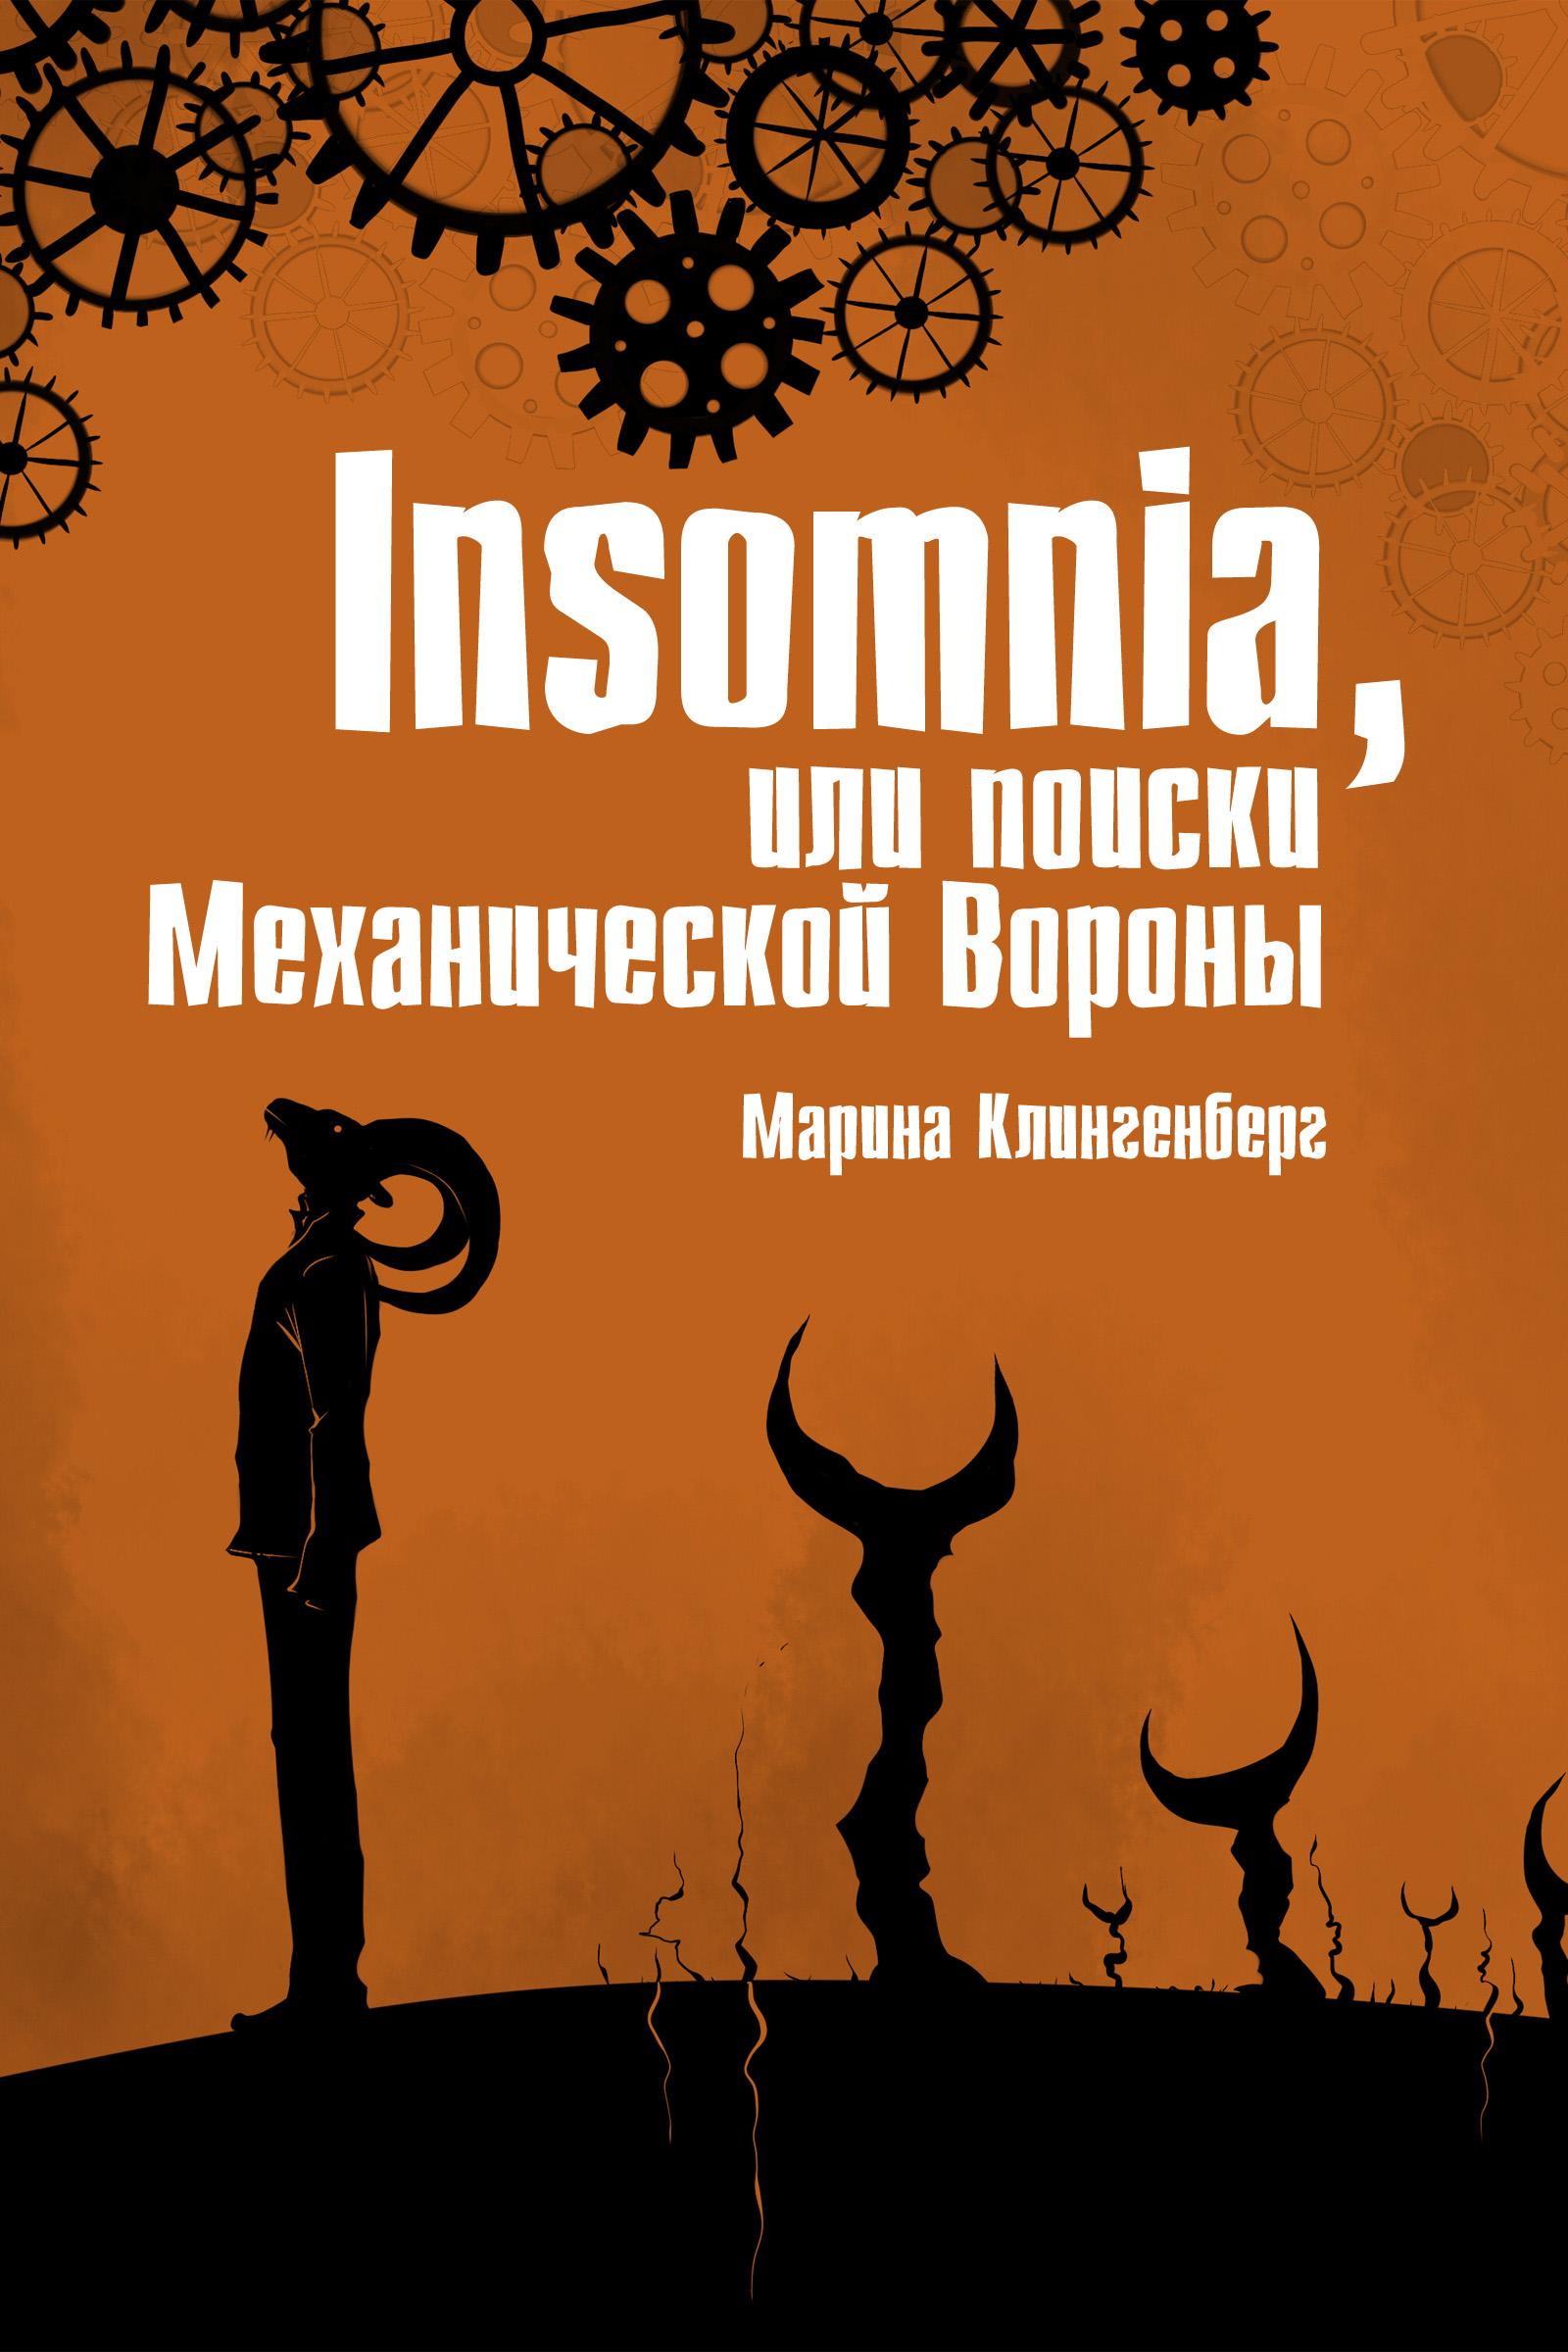 Insomnia,или Поиски Механической Вороны